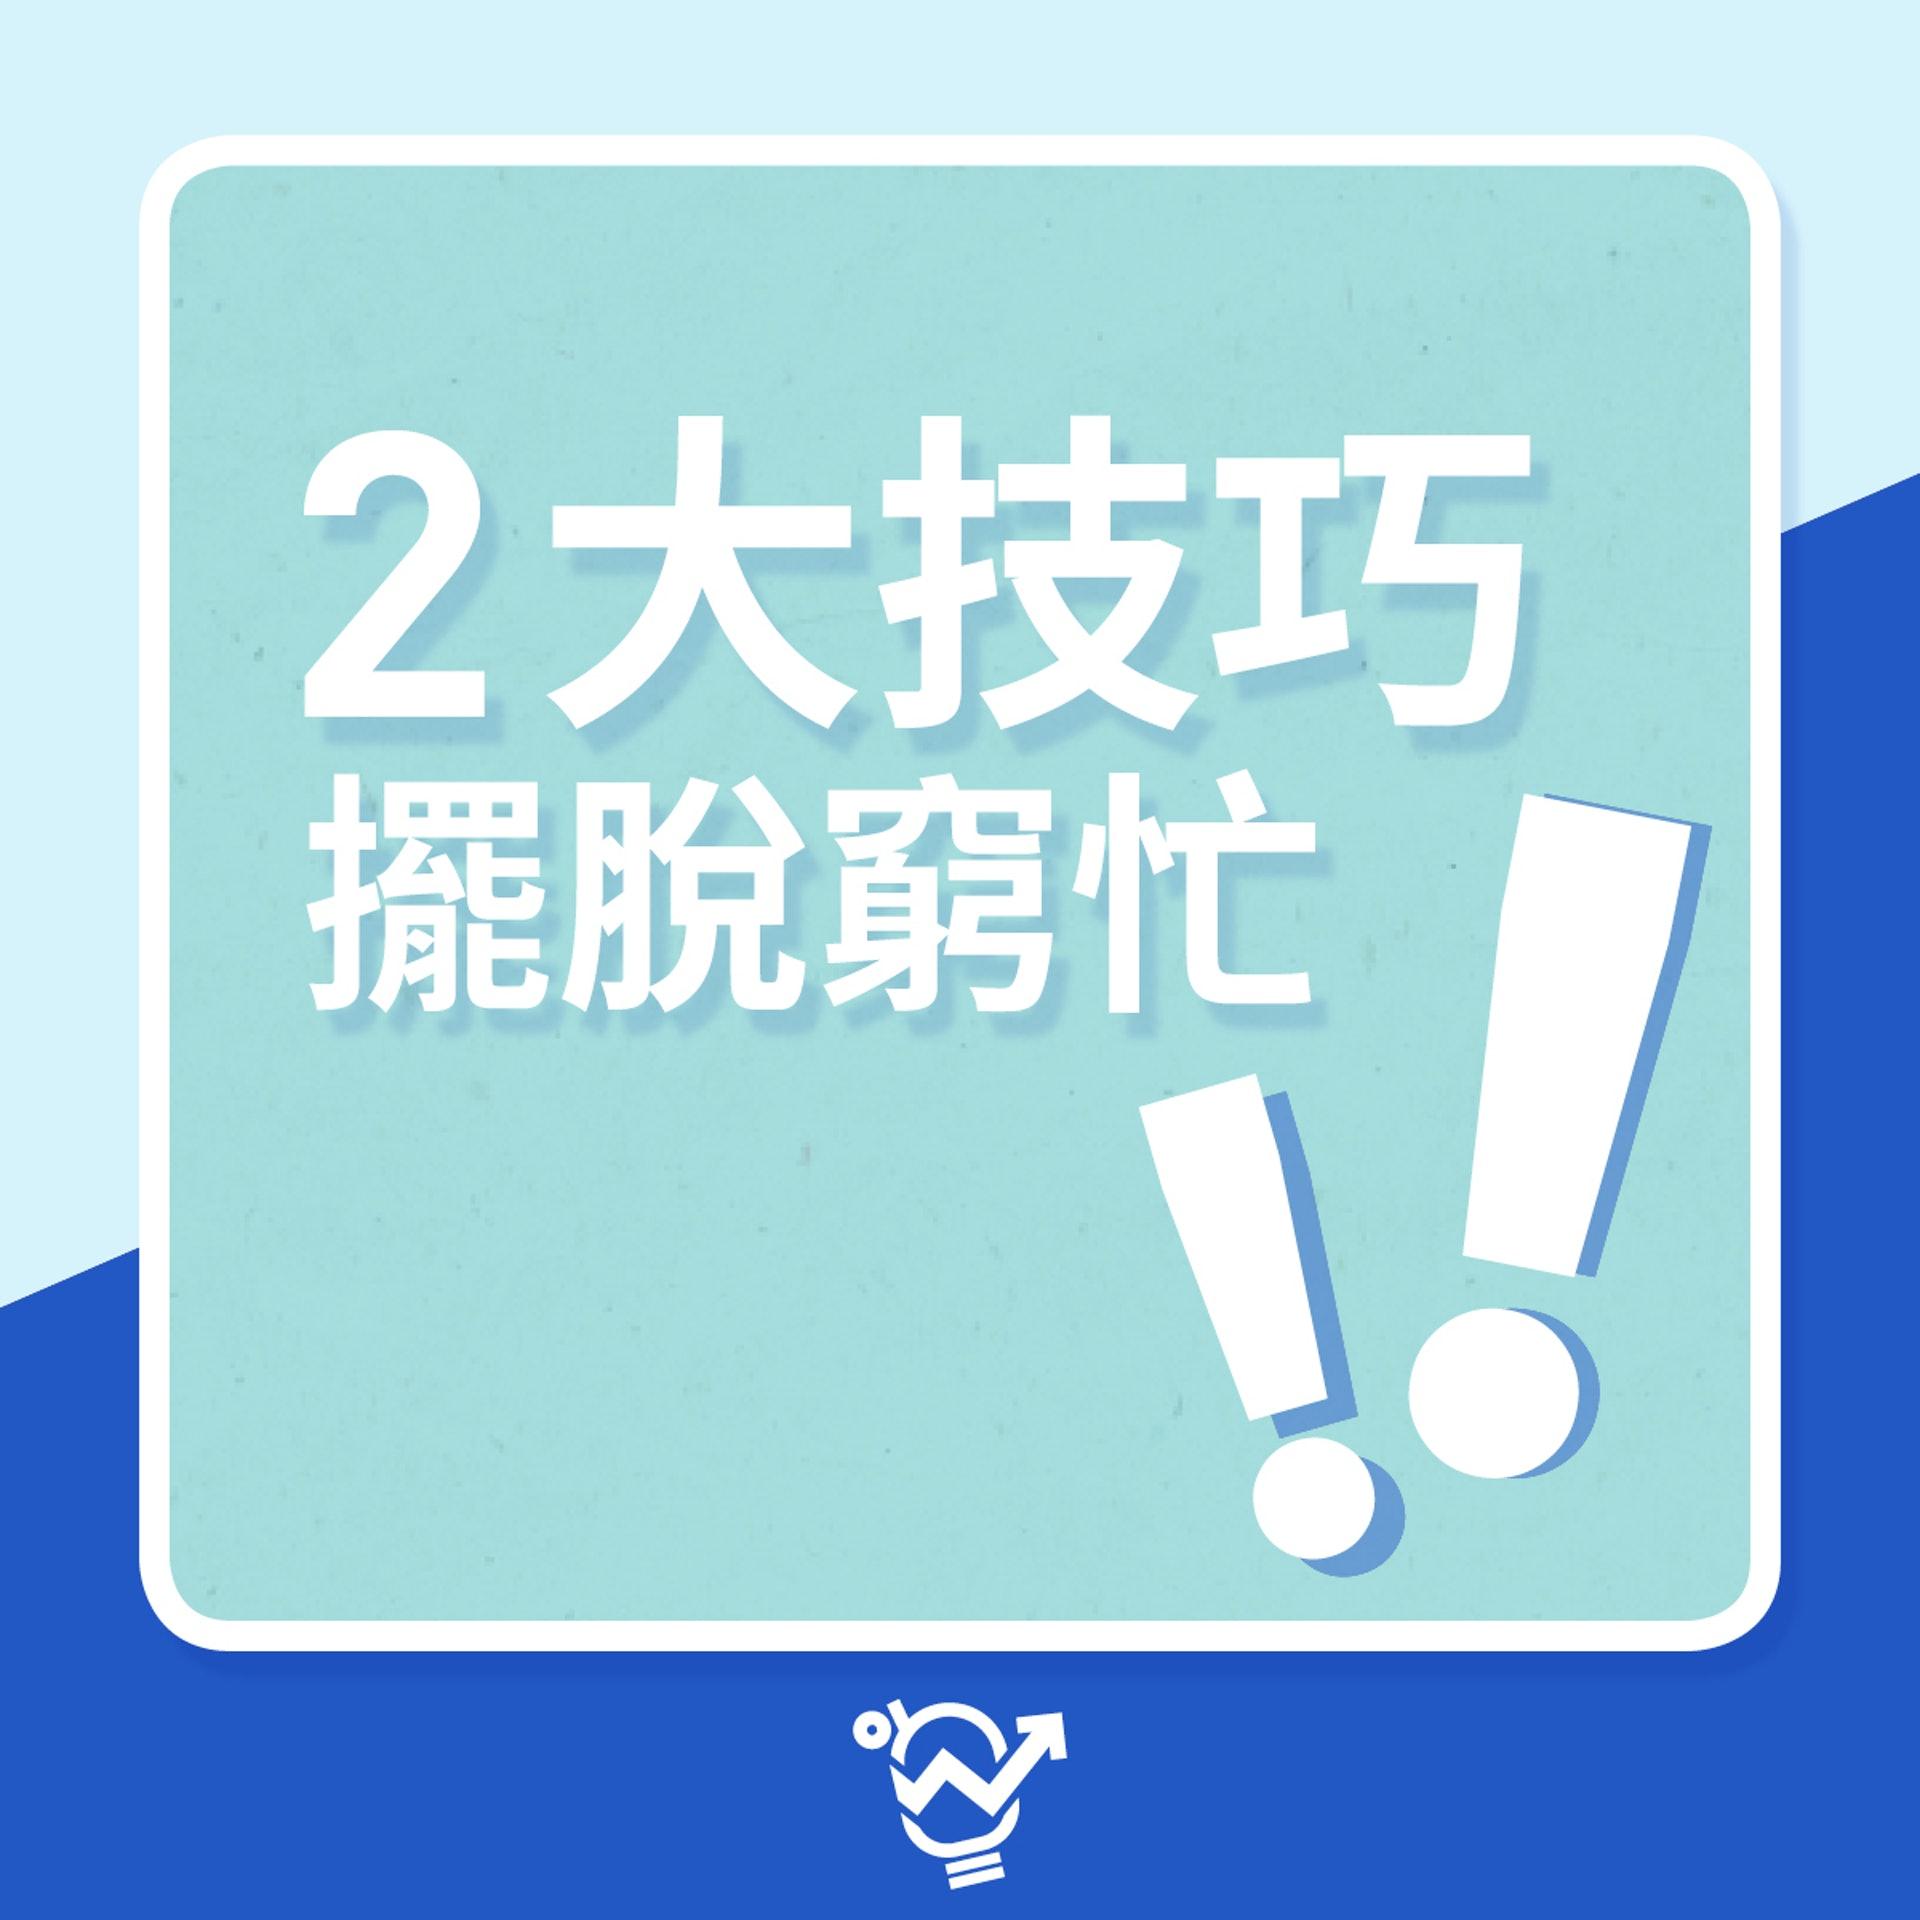 2大技巧擺脫窮忙(01製圖)